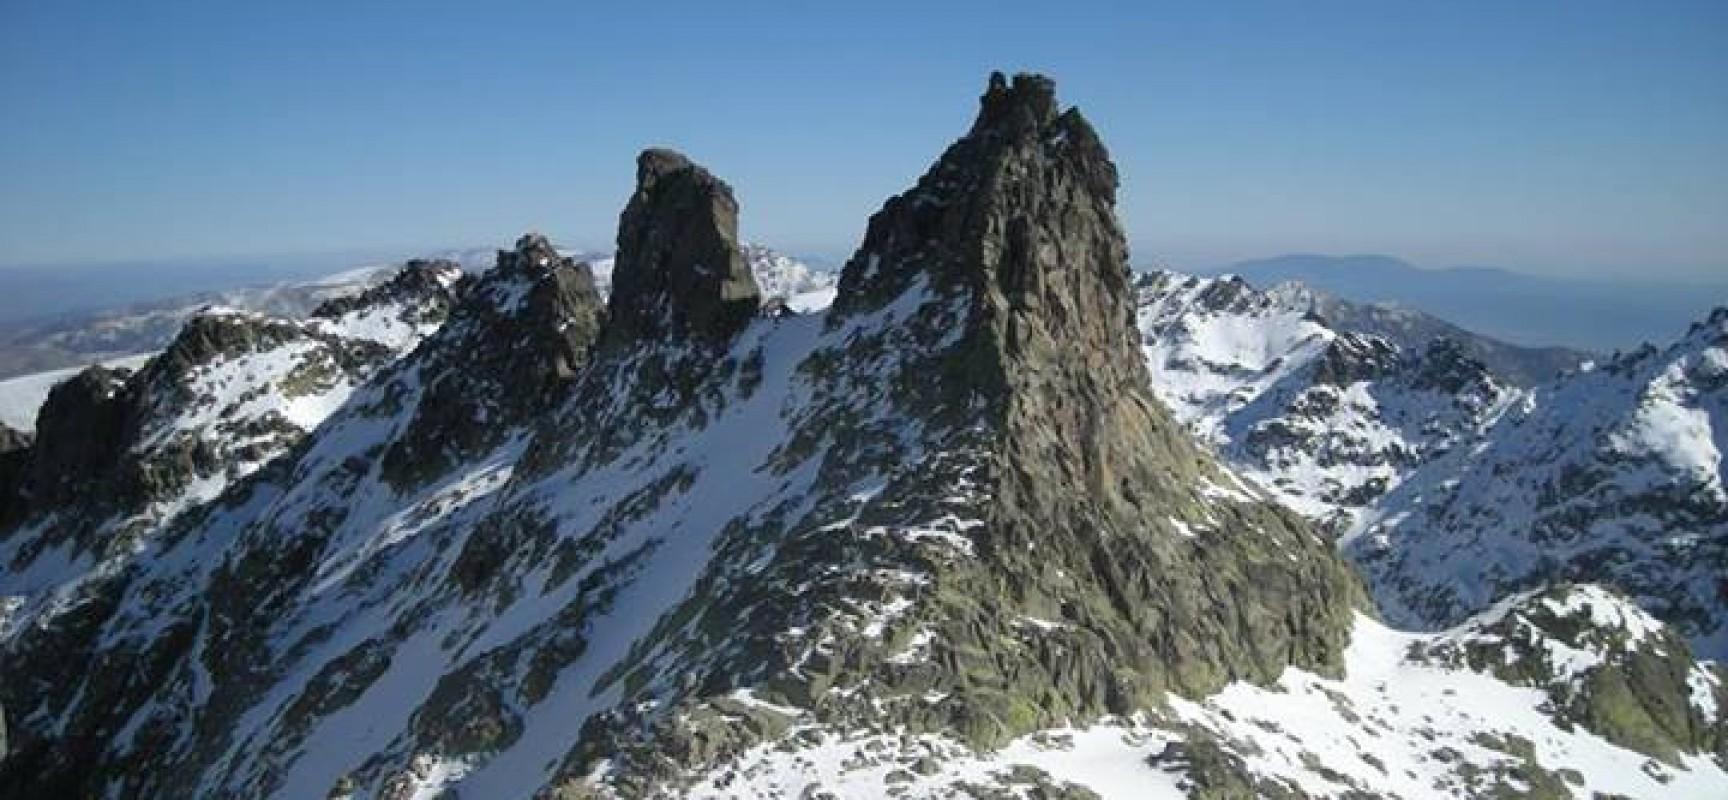 10 espectaculares paisajes nevados de castilla y le n - Paisajes nevados para pintar ...